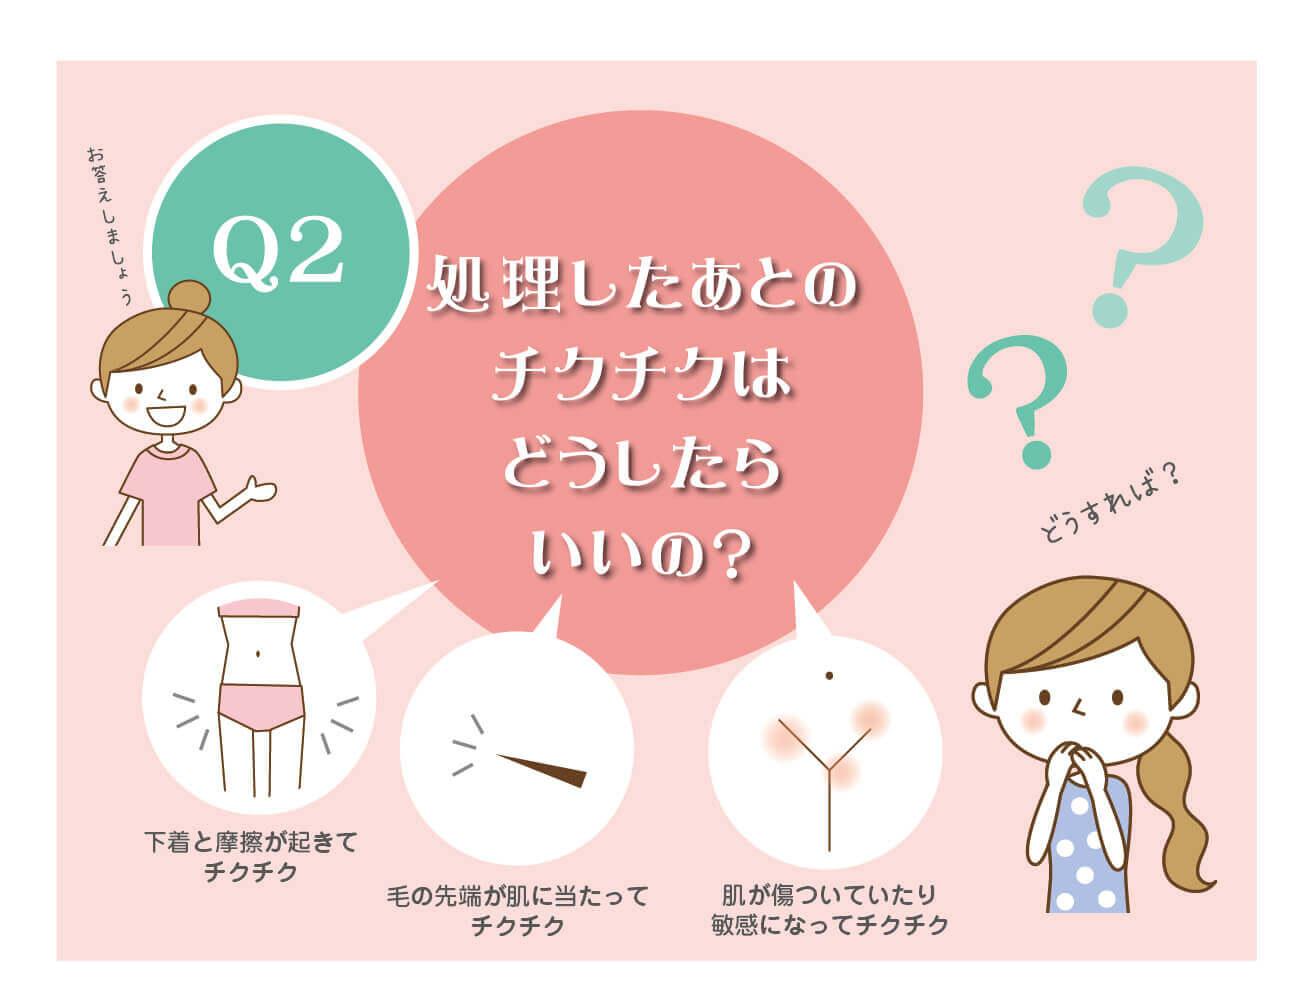 Q2:処理した後のチクチクはどうしたらいいの?